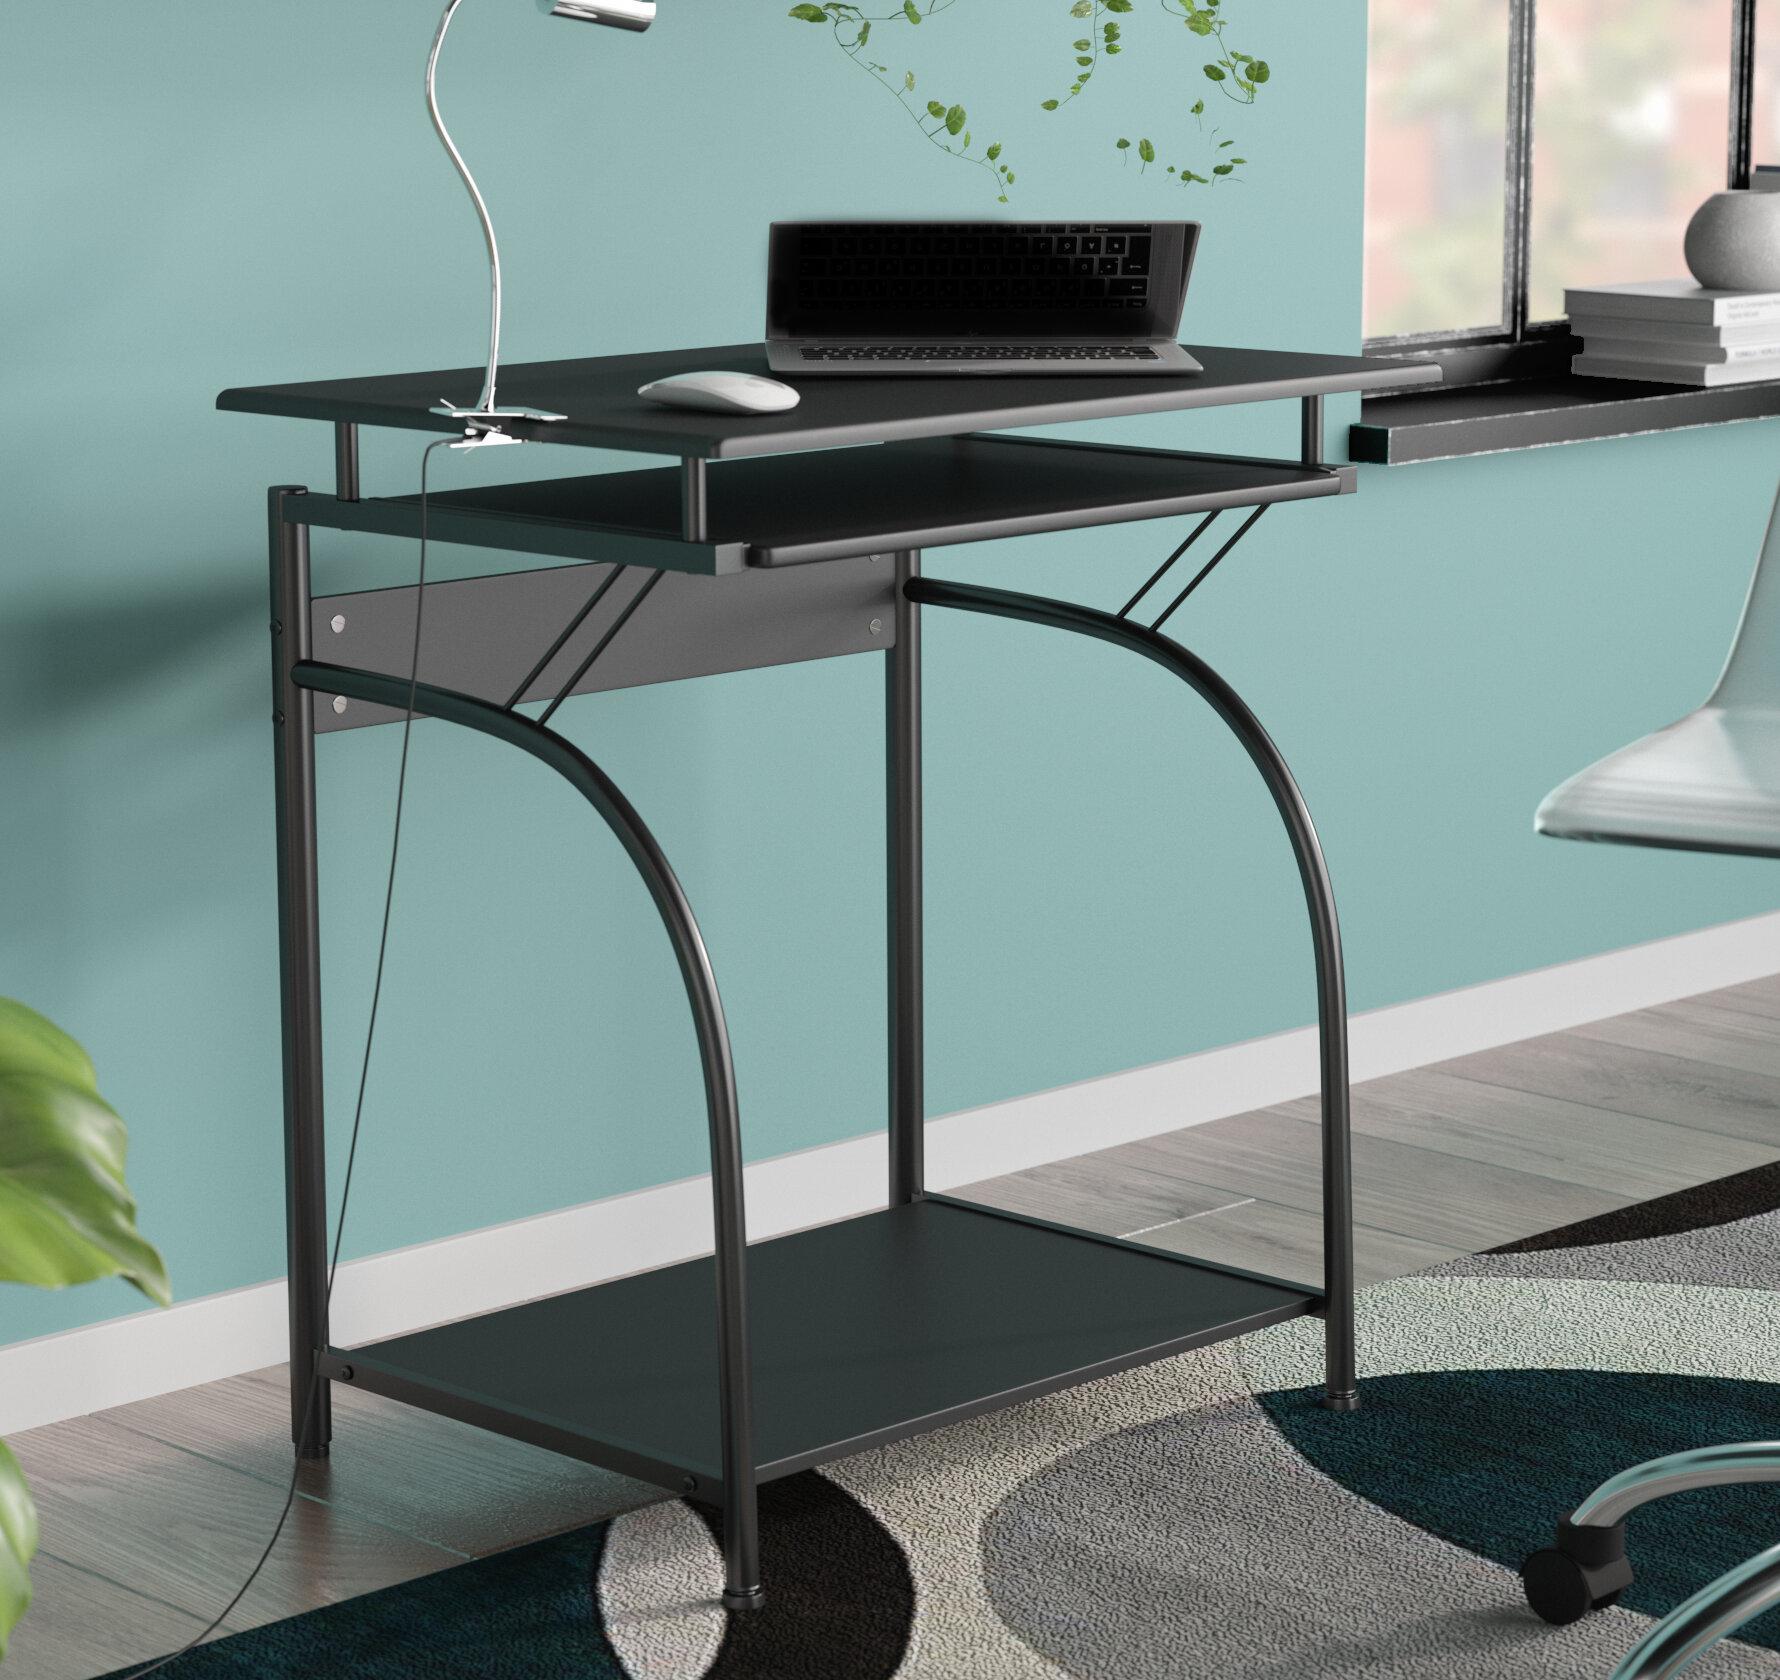 Ebern Designs Decatur Computer Desk & Reviews | Wayfair